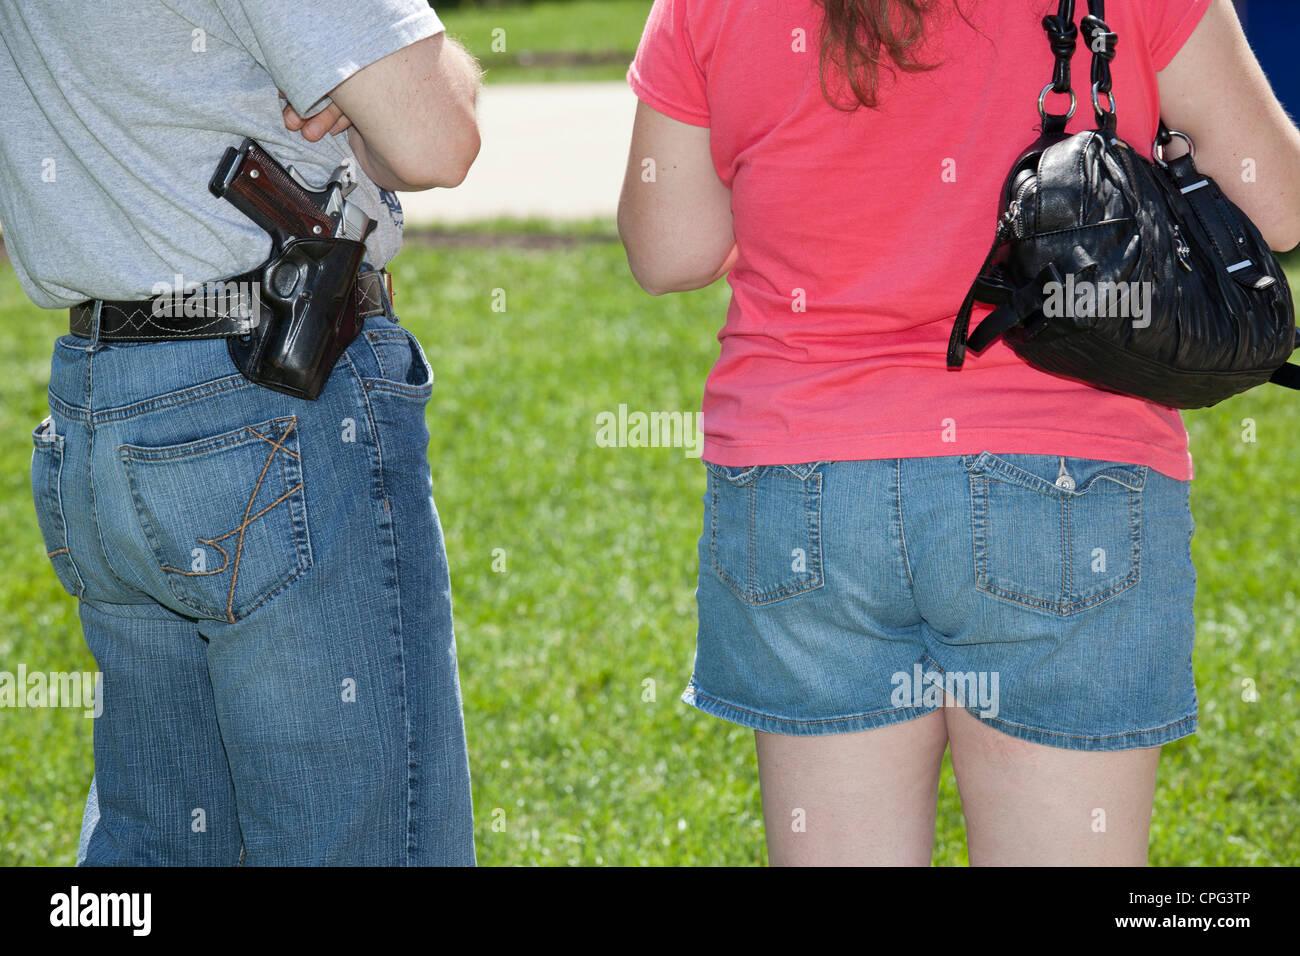 """Pistole Befürworter Kundgebung gegen Aufhebung Michigans """"Stand Your Ground"""" Gesetzes Stockbild"""